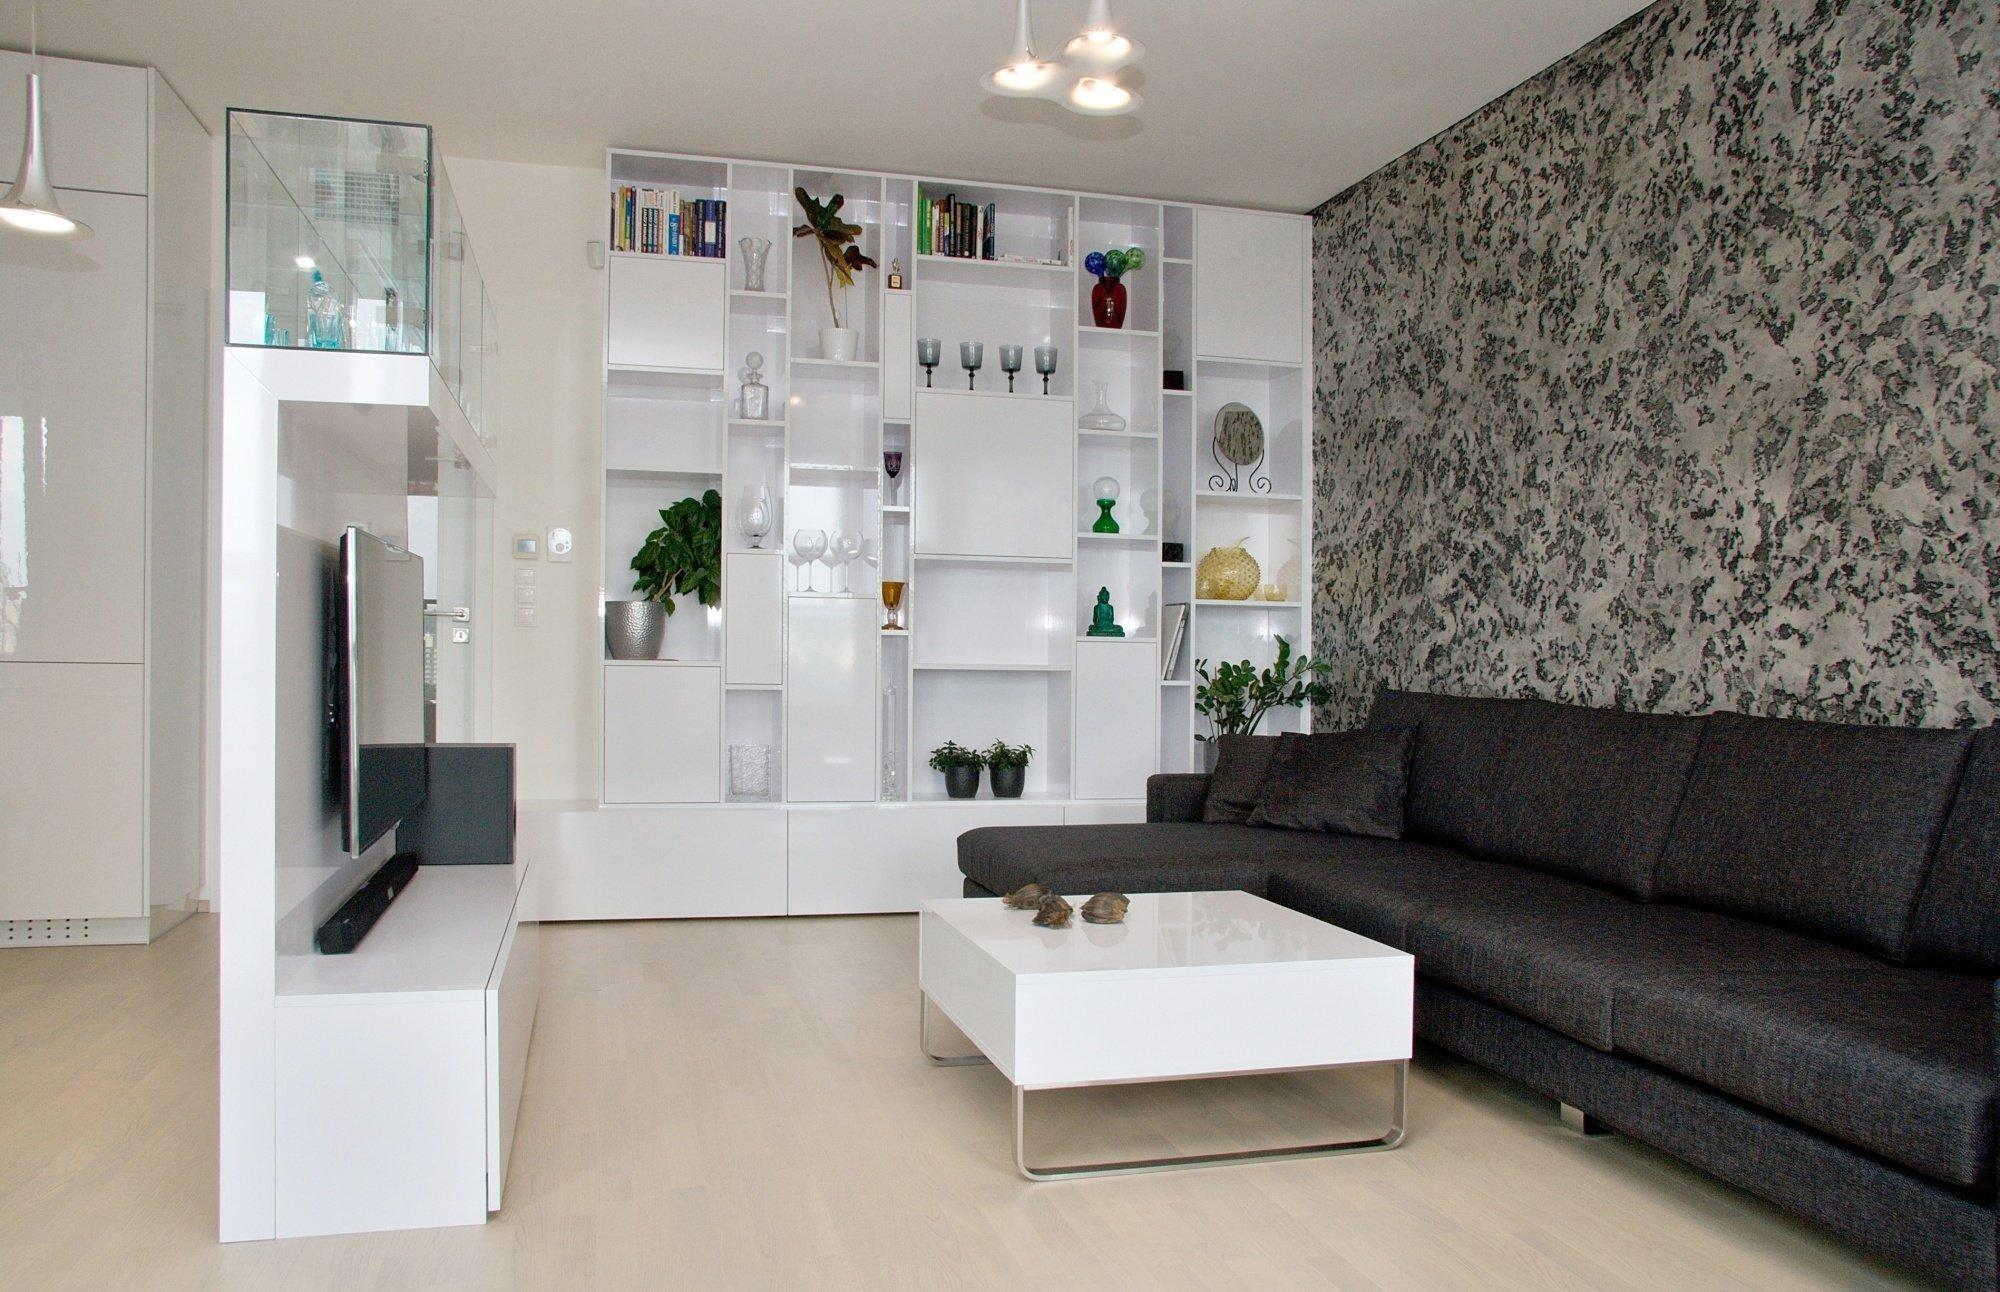 Kuchyň BEECK a realizace interiéru bytu. Provedení kuchyně je lesklý lak s PP hranami Colora. Pracovní deska je žula Nero assoluto vpovrchu Antik, místo…